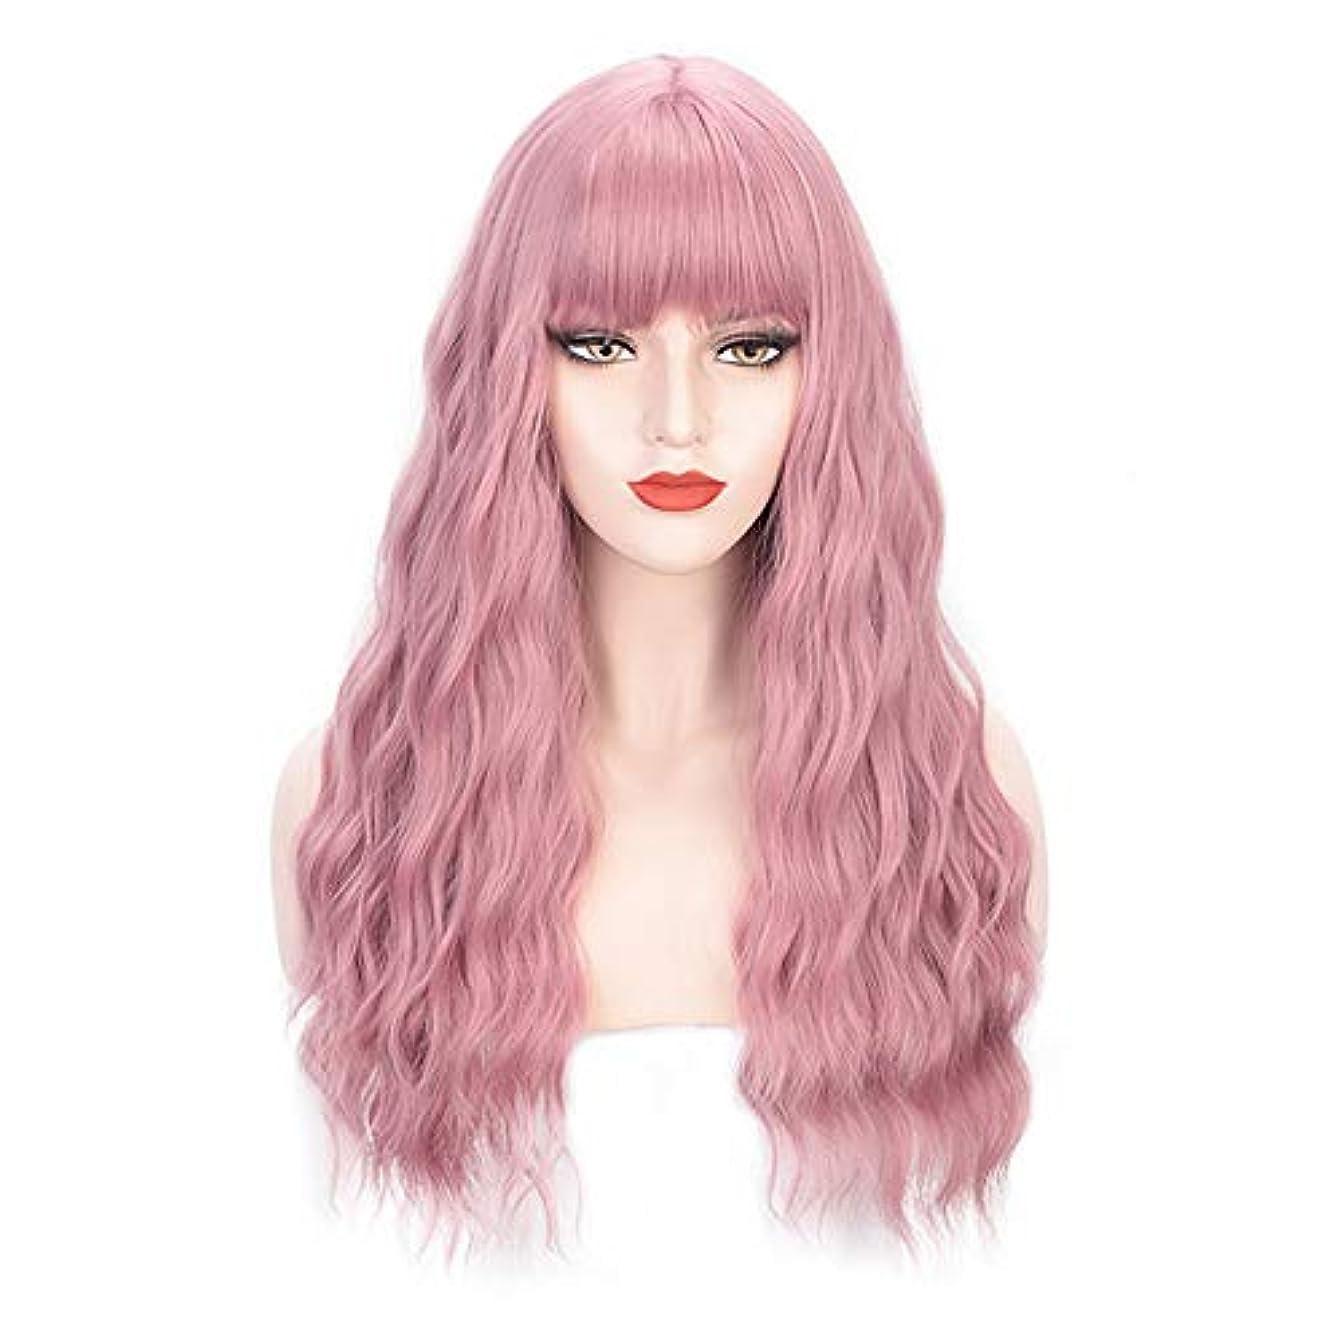 行為連合尊敬するヘアピースロングカーリー女性女の子魅力的な合成かつら人工シルクヘアウィッグ高温風量ソフトカーリーロングカーリービッグウェーブヘアウィッグコスプレ28インチ